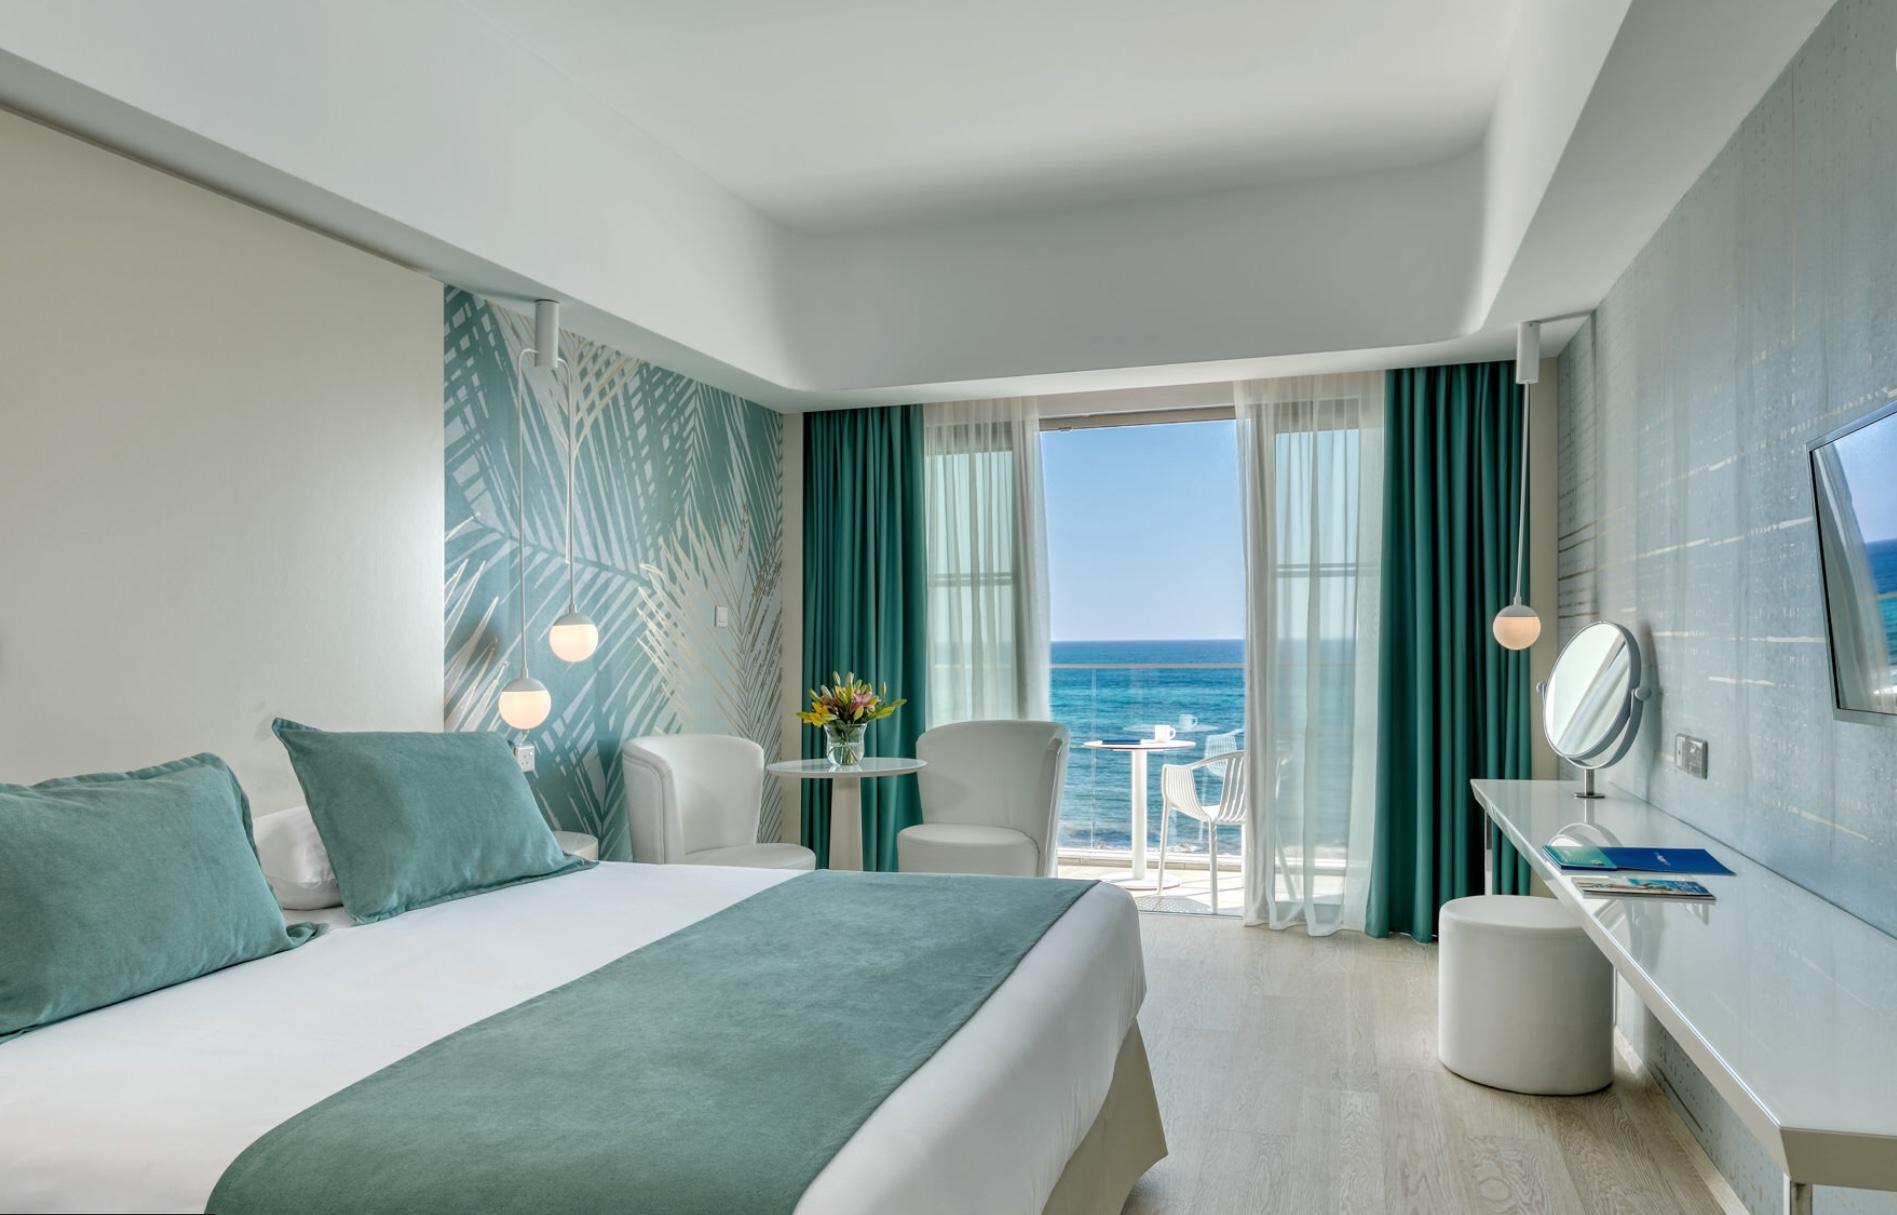 מלון לואיס איבי מארה פאפוס Hotel Louis Ivi Mare Paphos